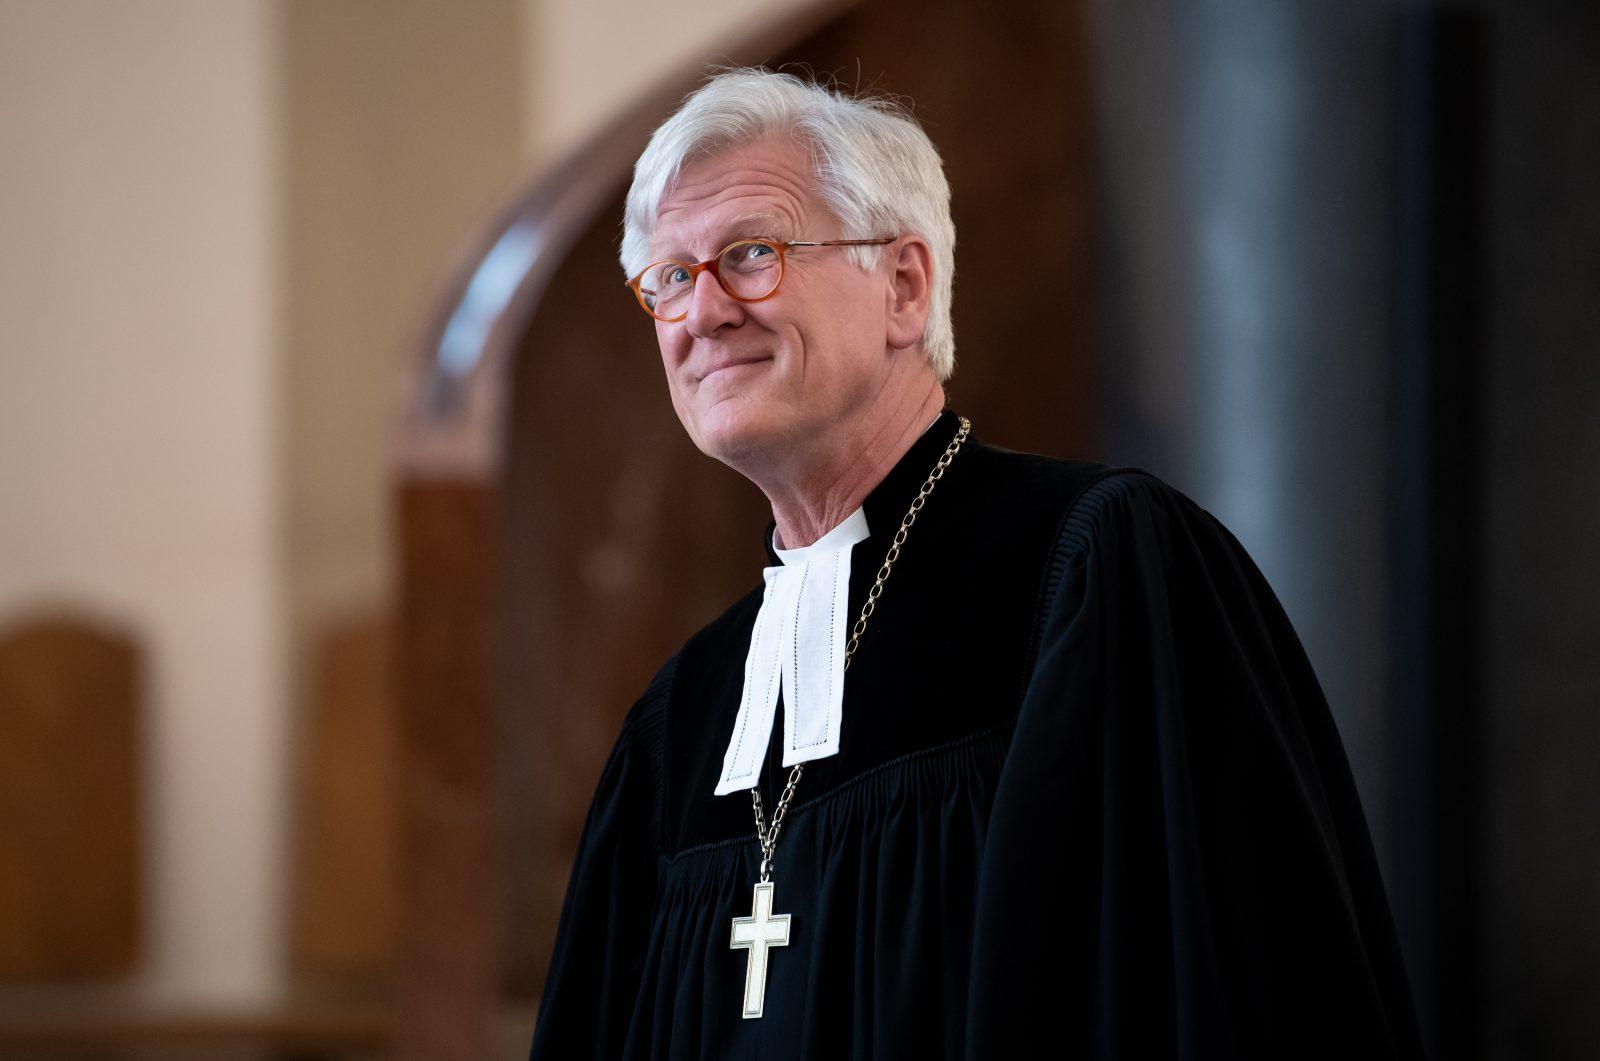 Der Ratsvorsitzende der Evangelischen Kirche in Deutschland, Heinrich Bedford-Strohm, freut sich über Zuspruch zur Flüchtlingspolitik Foto: picture alliance/Sven Hoppe/dpa